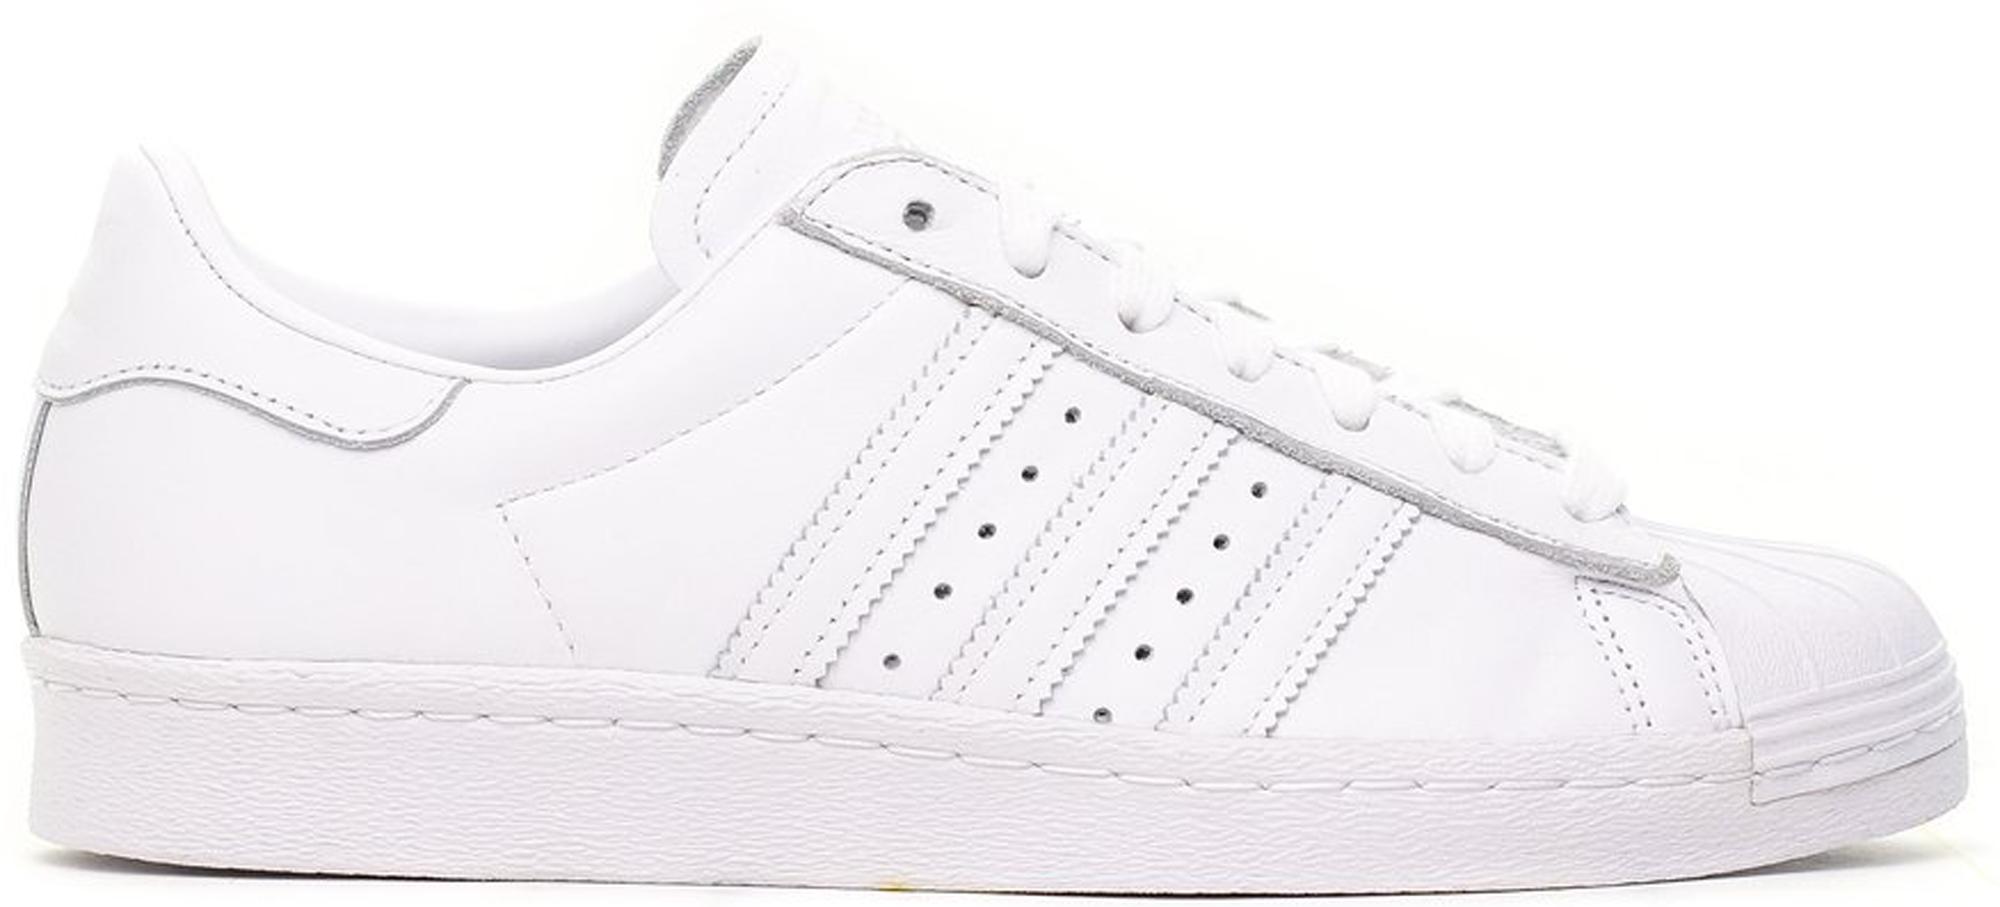 Adidas Originals Adidas Superstar 80s Valentine's Day 2018 (w) In Footwear White/footwear White/scarlet